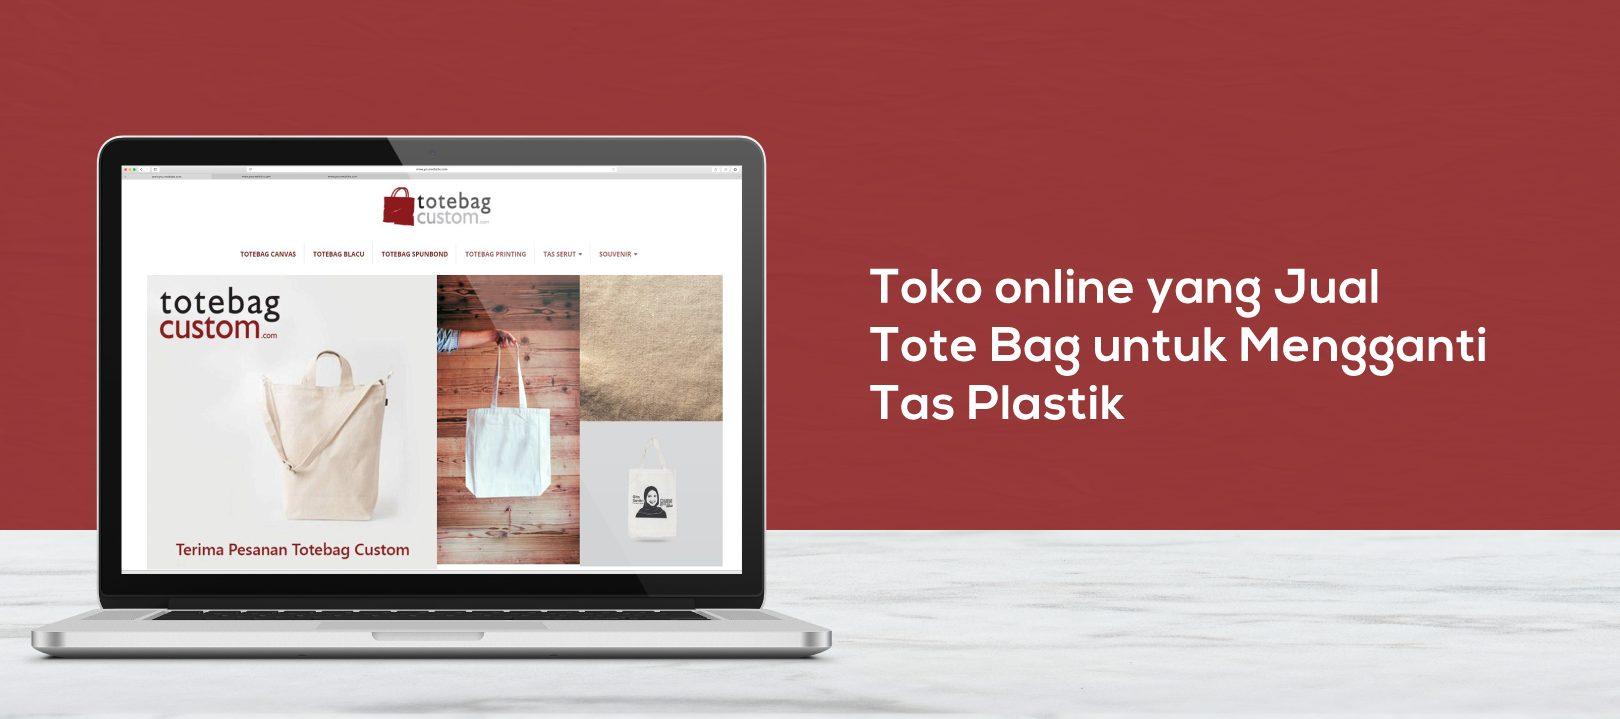 Toko Online yang Jual Tote Bag untuk Mengganti Tas Plastik